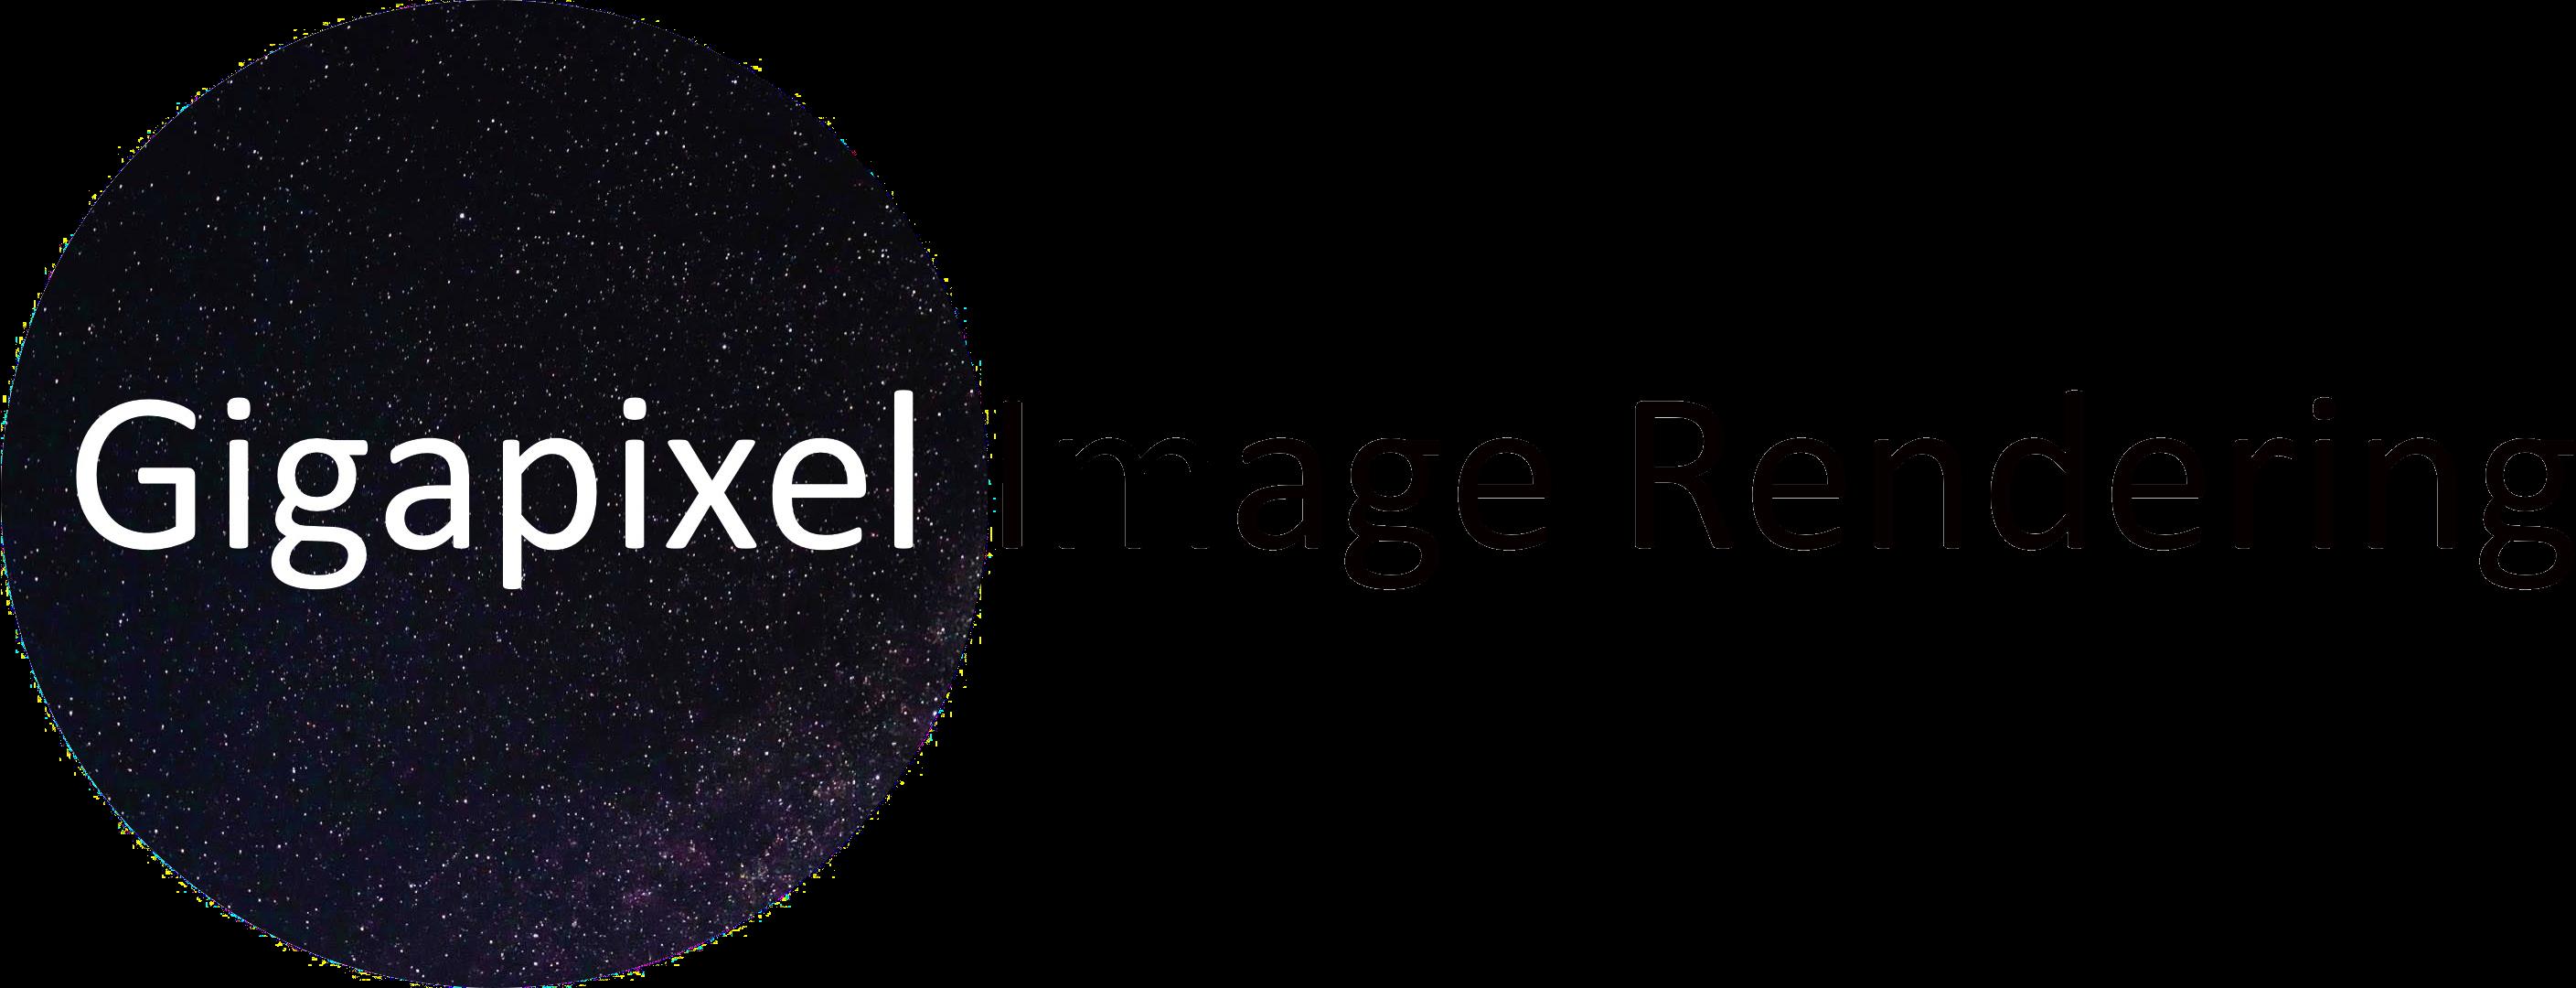 Gigapixel